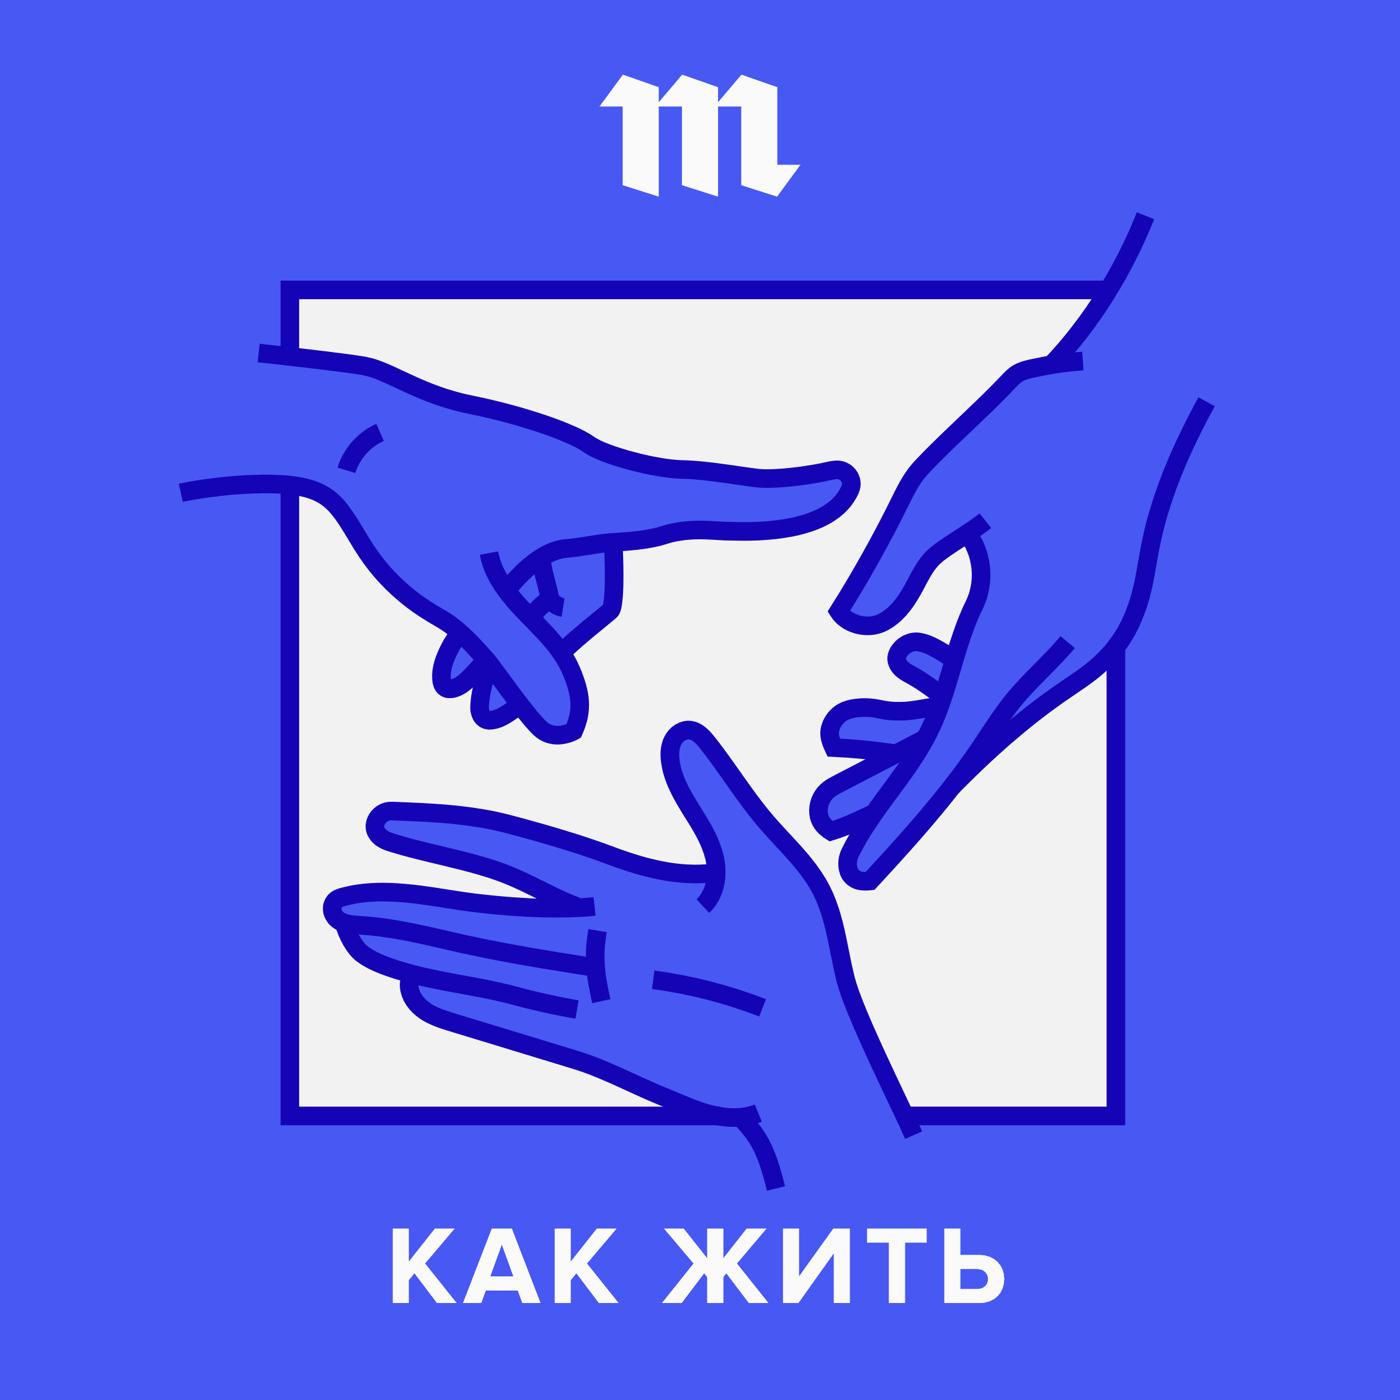 Дмитрий Быков Лекция «Про Муми-троллей и Карлсона»